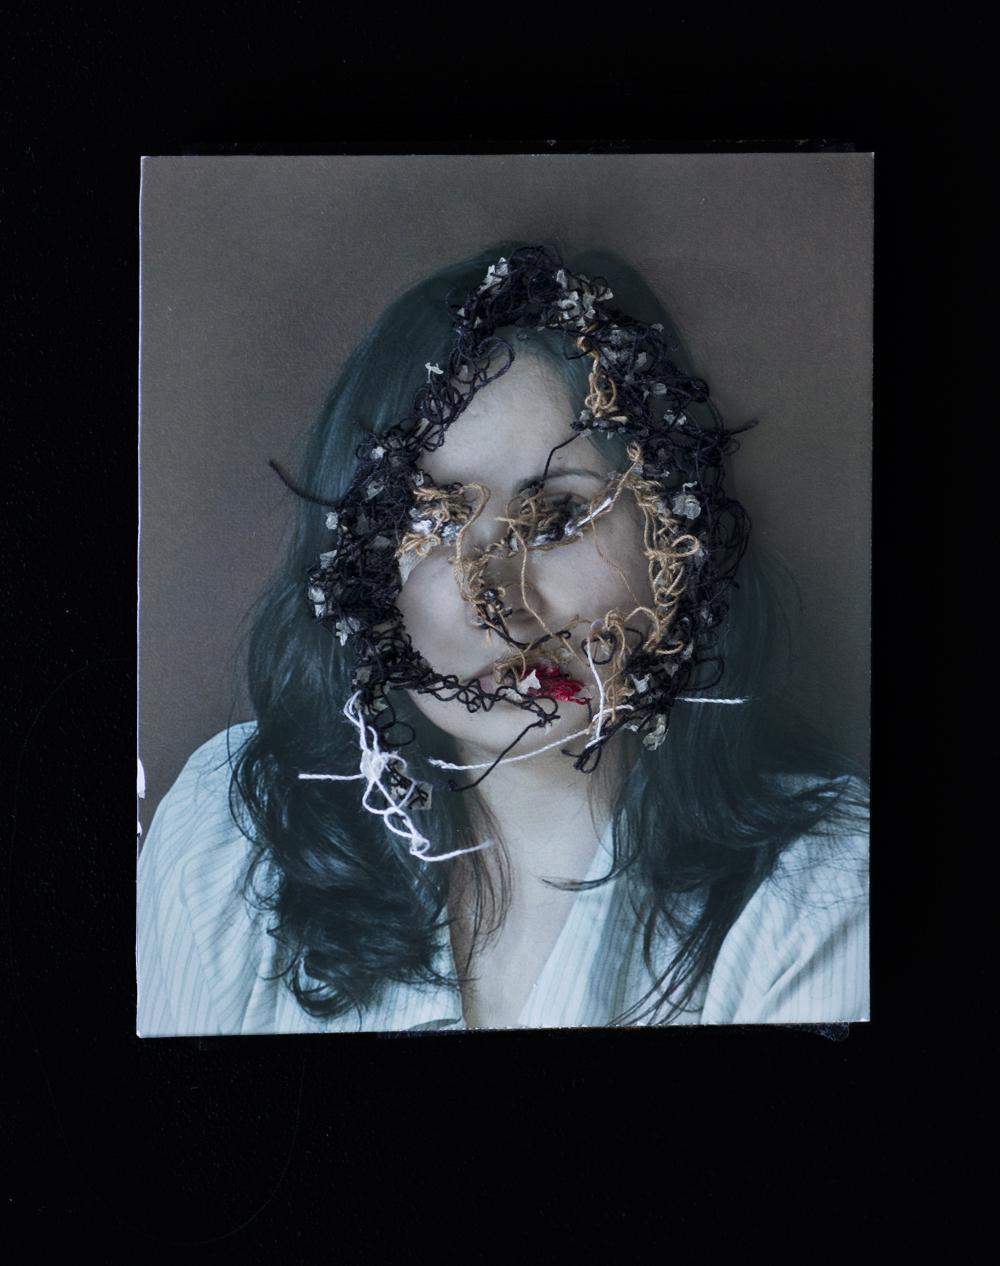 Mi amiga Vero. A flor de piel, 20. 10x15 cm. Fotografía, hilo y piel. 2013